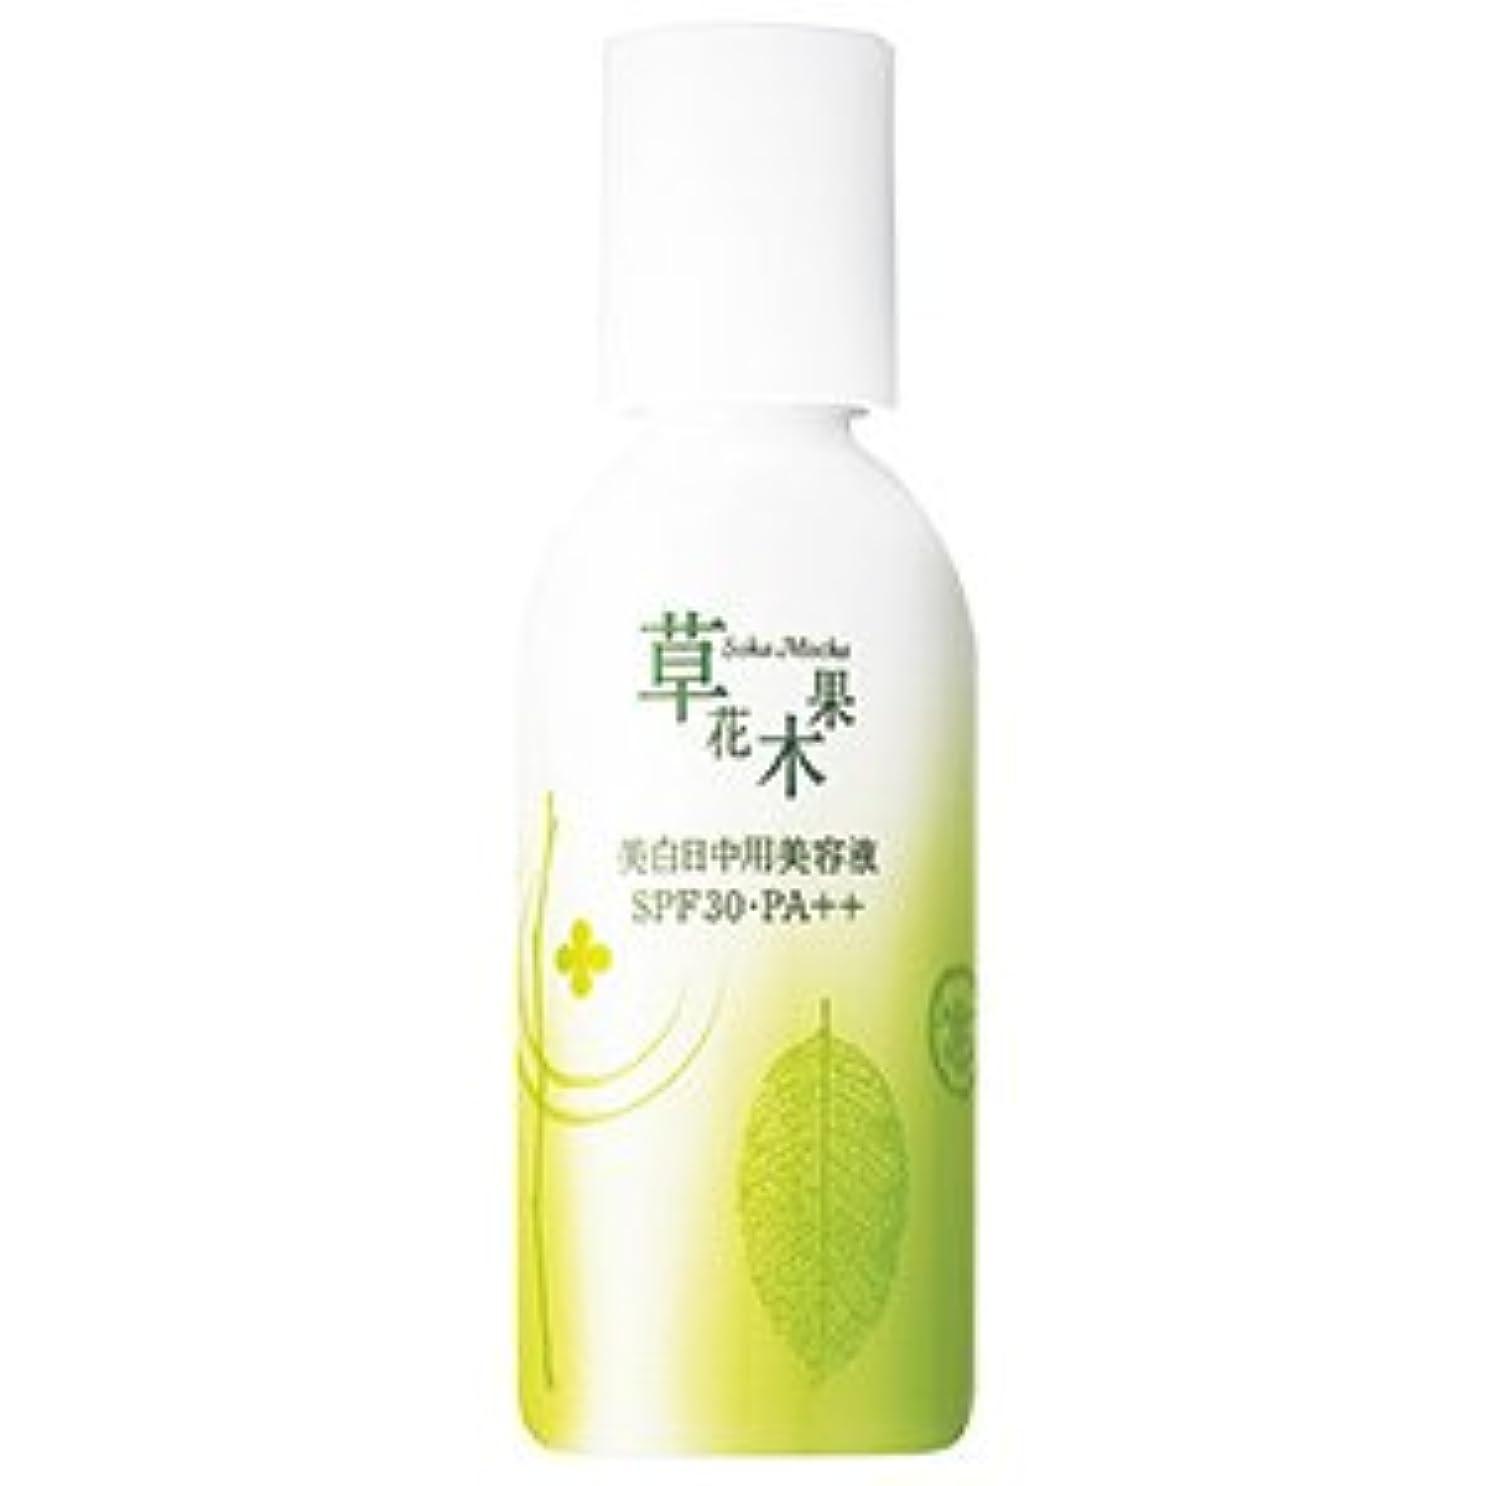 ユーザー処理する慣れる草花木果(そうかもっか) 美白日中用美容液(医薬部外品) 25mL